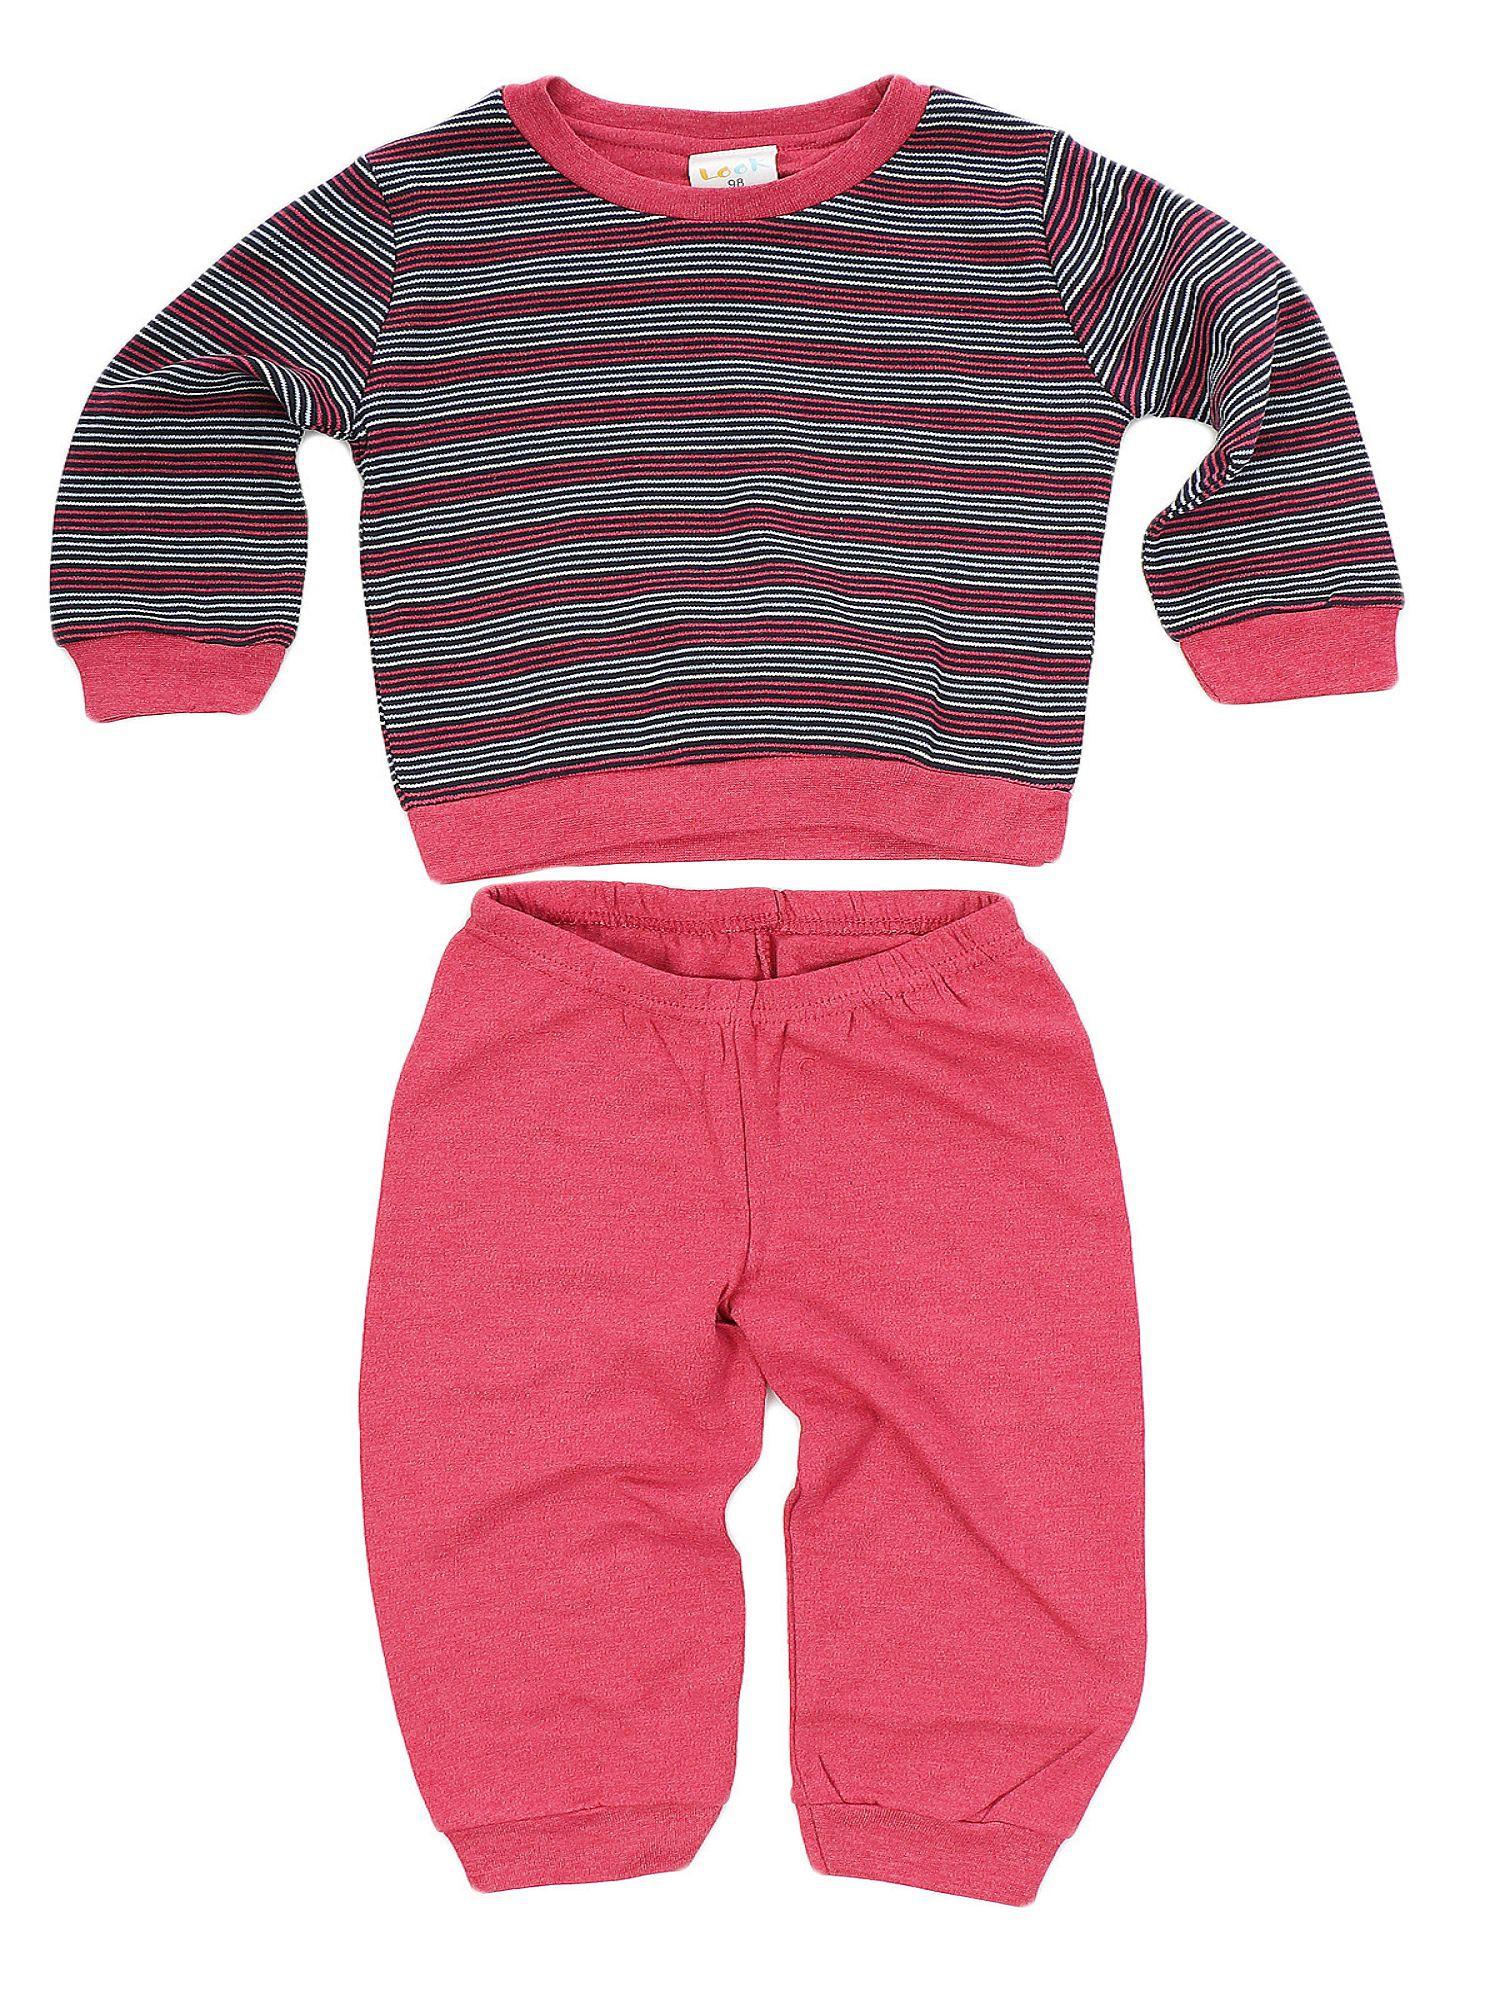 Jungen Kleinkinder Interlock Schlafanzug Pyjama mit Bündchen. Ringel Oberteil  57327